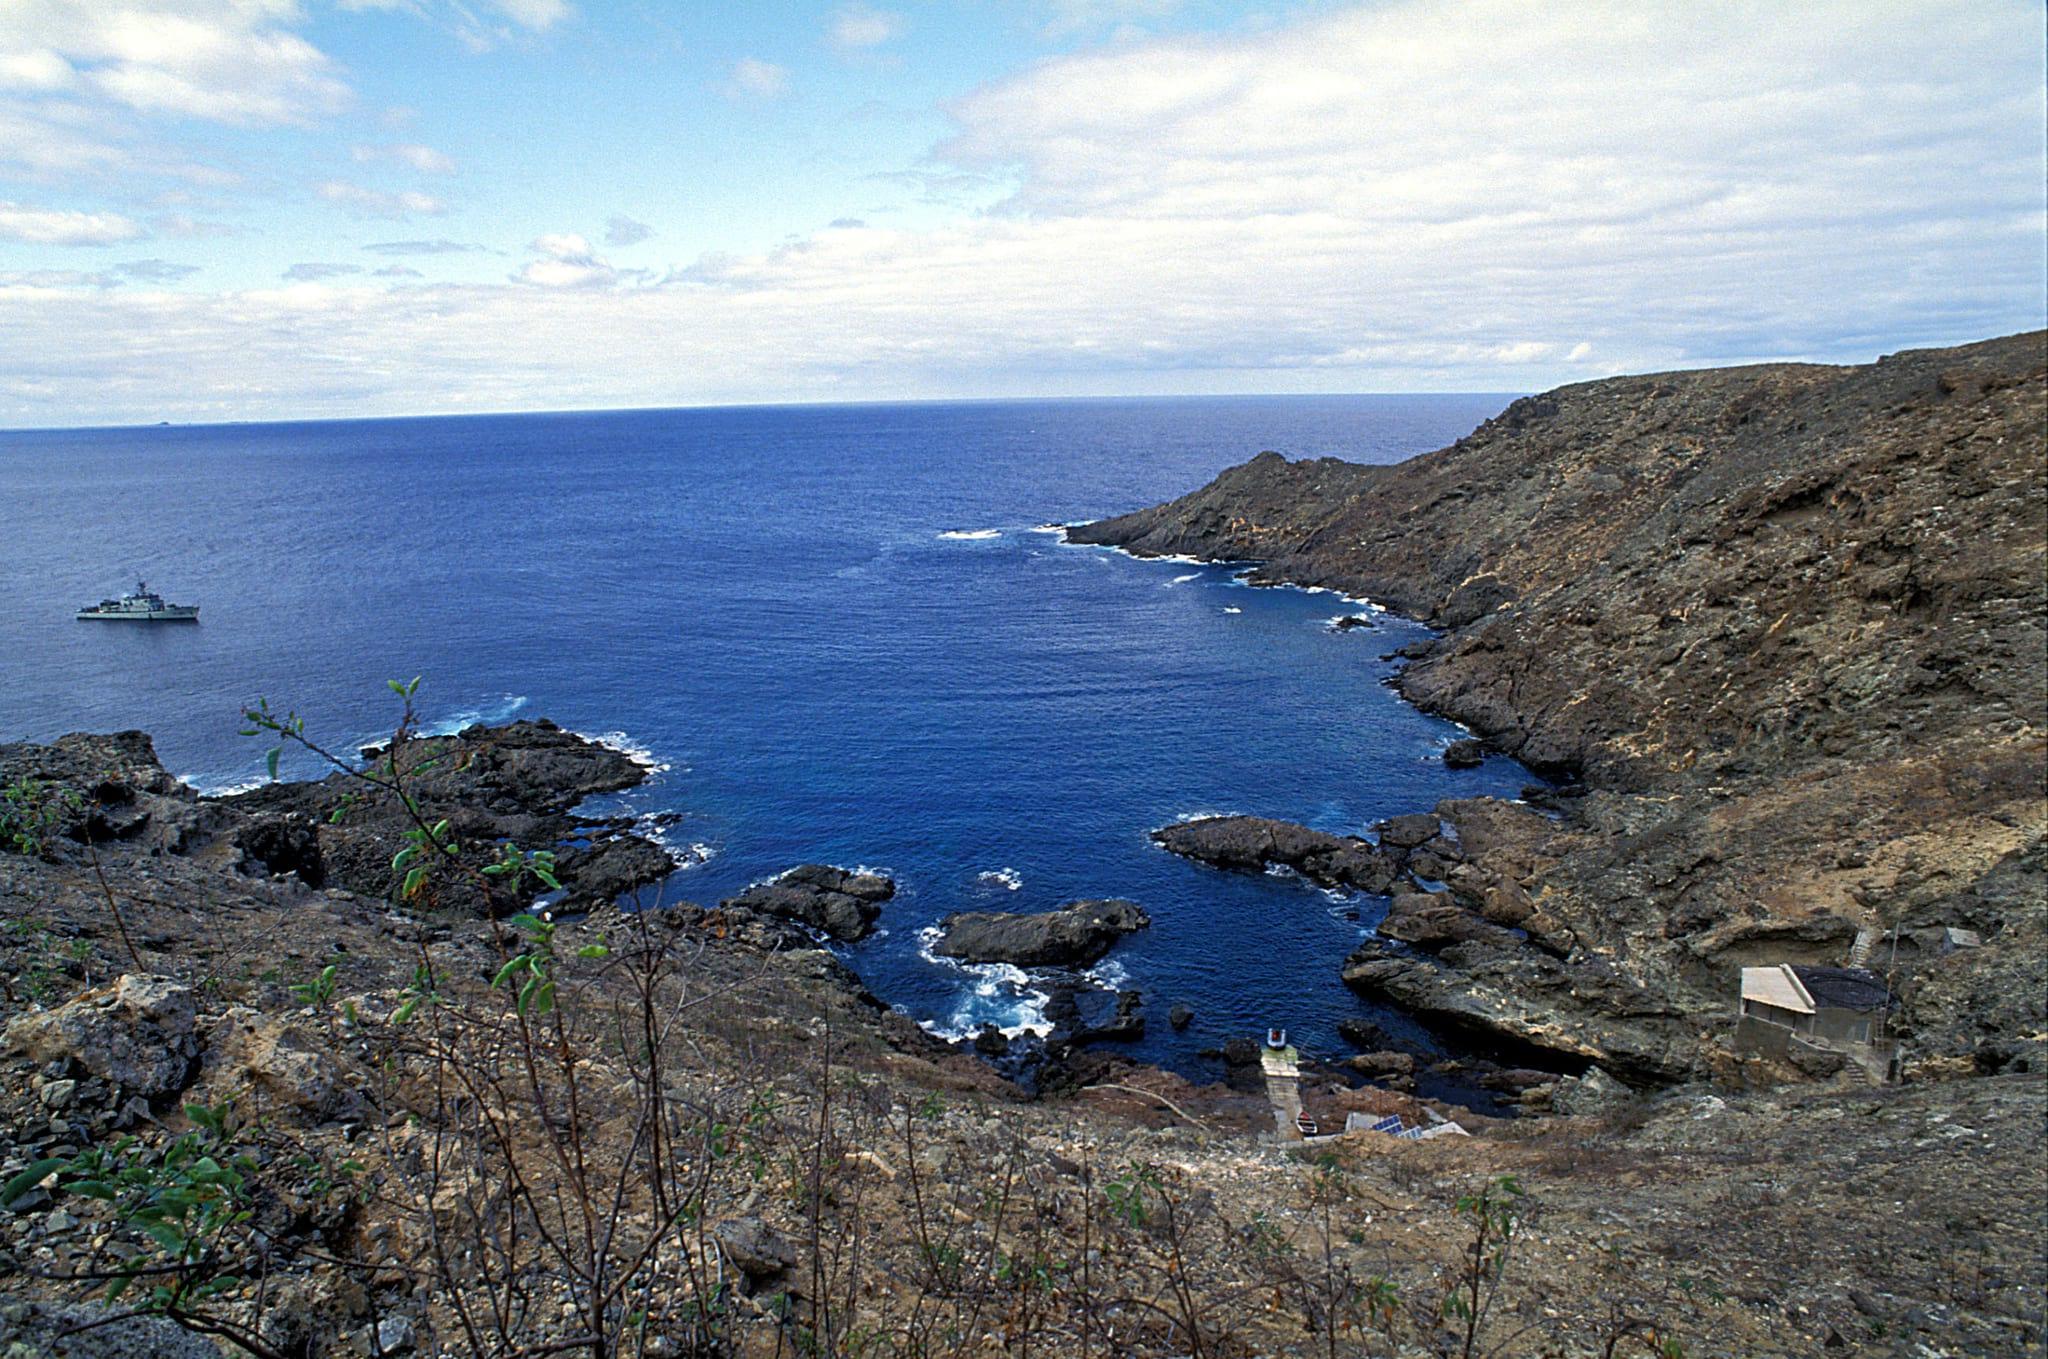 Jornal ABC de Espanha reabre dossier das Ilhas Selvagens